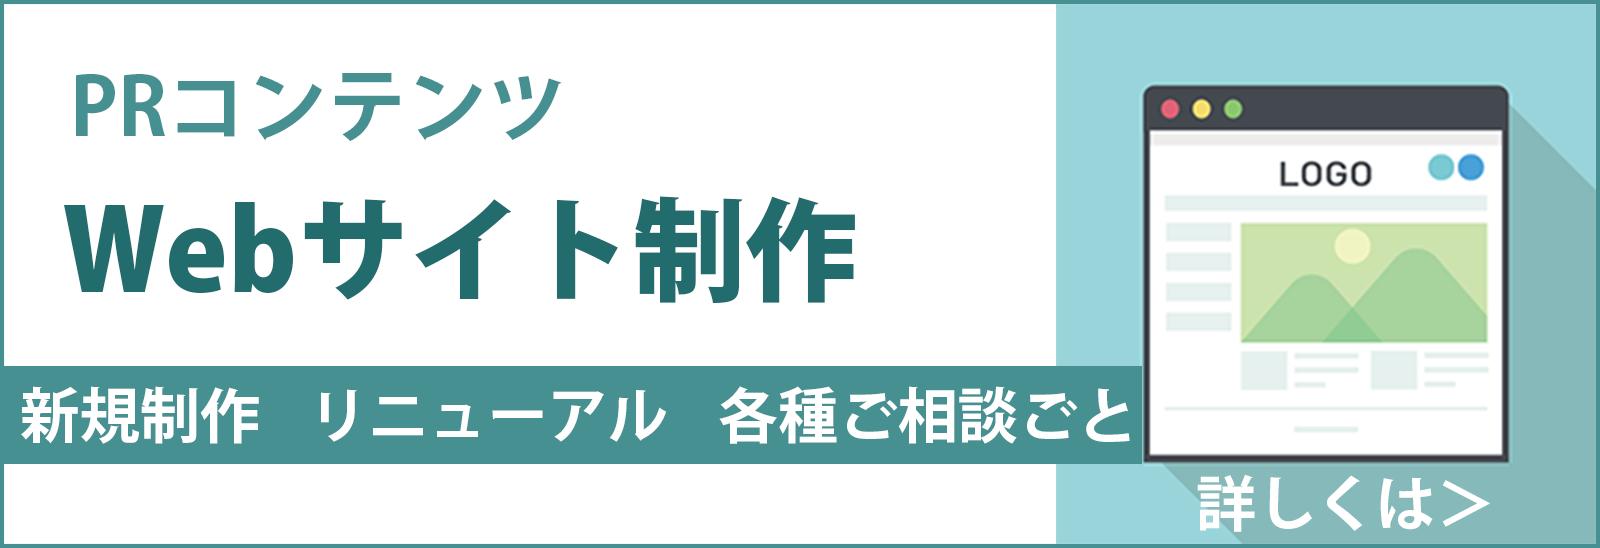 PRコンテンツ Webサイト制作 本郷サイエンステクノ